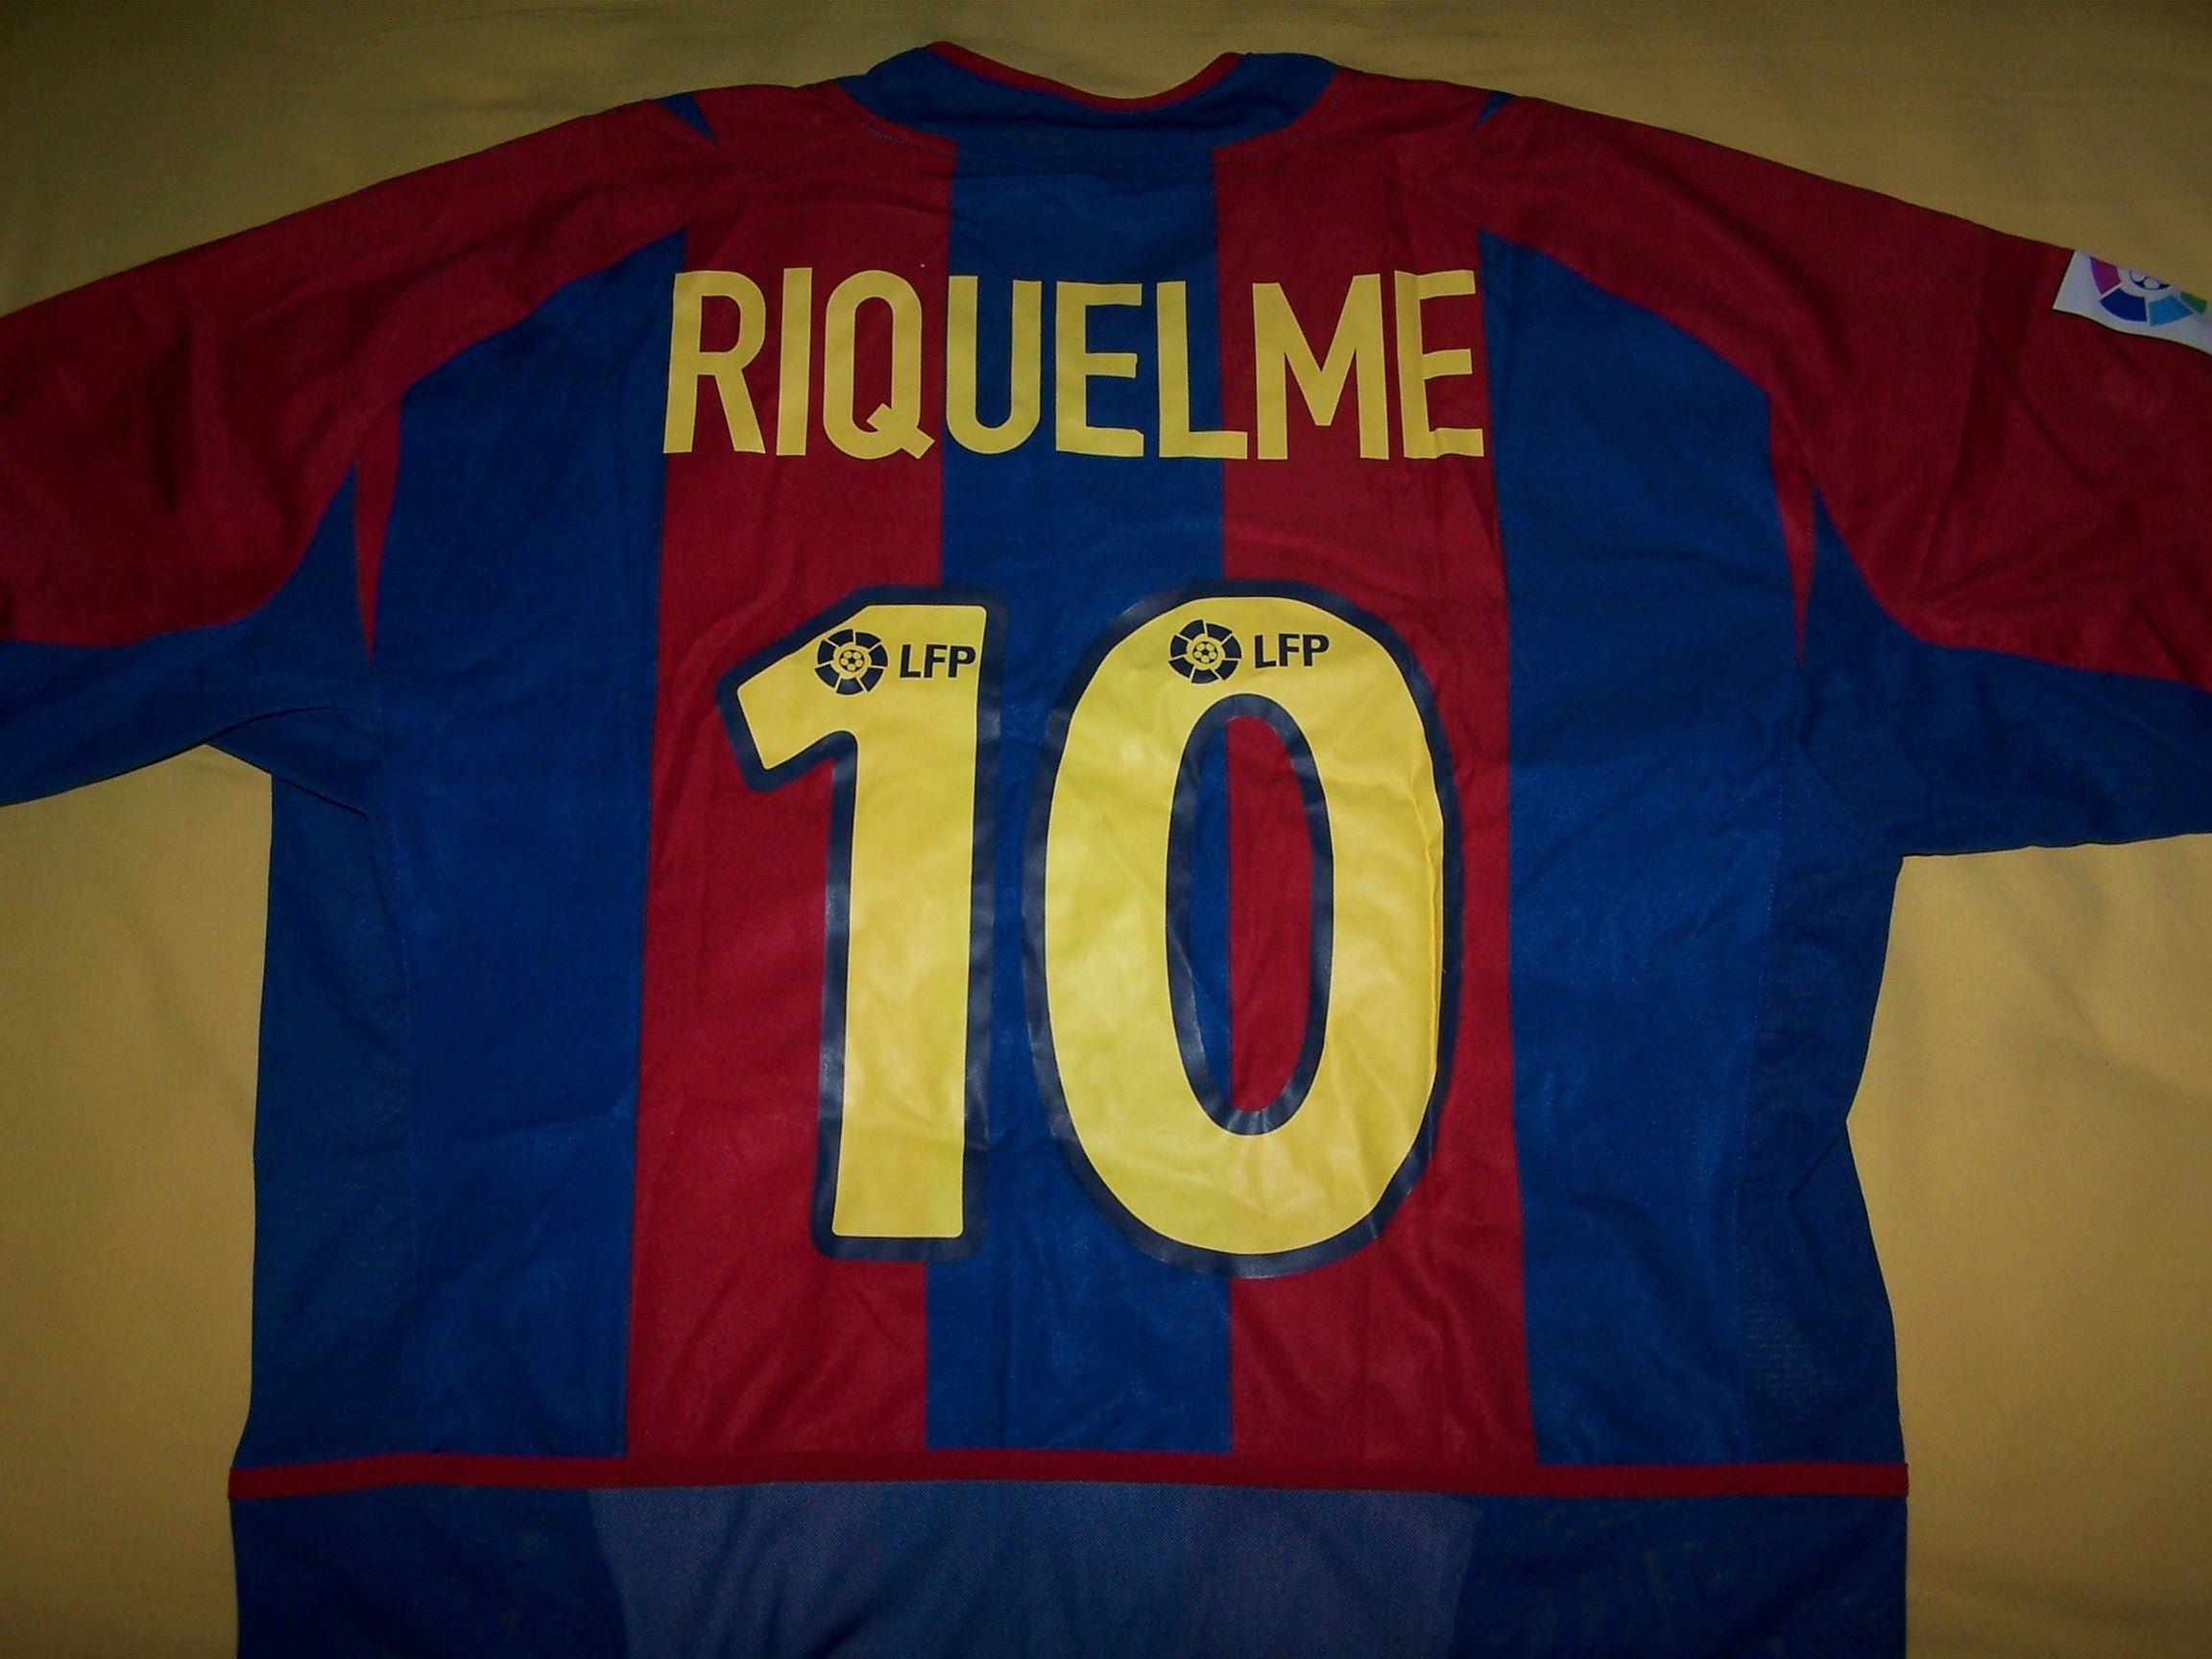 La 10 de uno de los mejores jugadores del fútbol argentino de todos los tiempos. El último 'romántico'. Juan Román Riquelme.